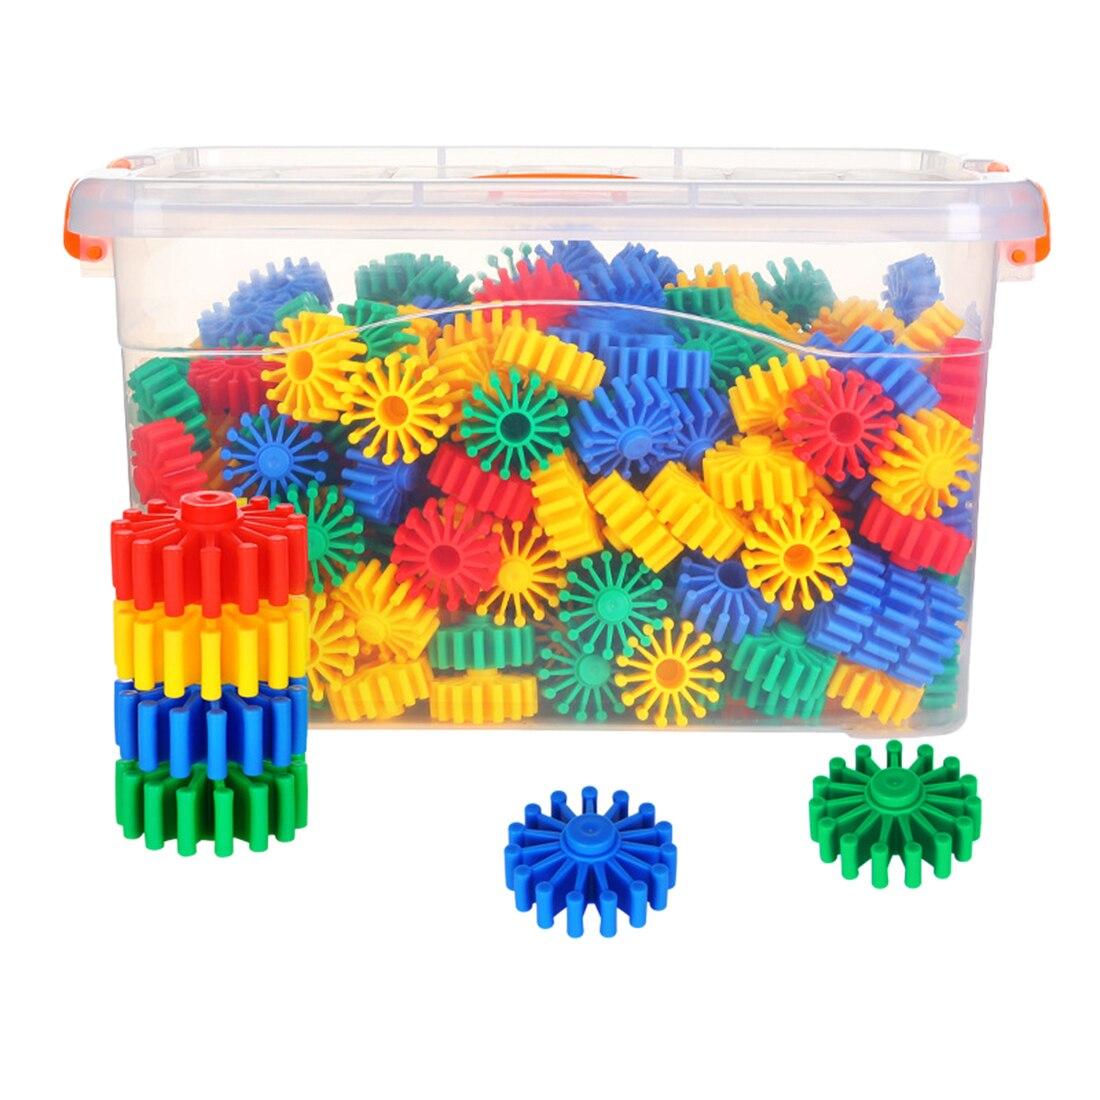 270 pièces/180 pièces engrenage rond blocs de Construction drôle de luxe ensemble de Construction Construction jouet éducatif jouet cadeau pour enfants enfant adulte